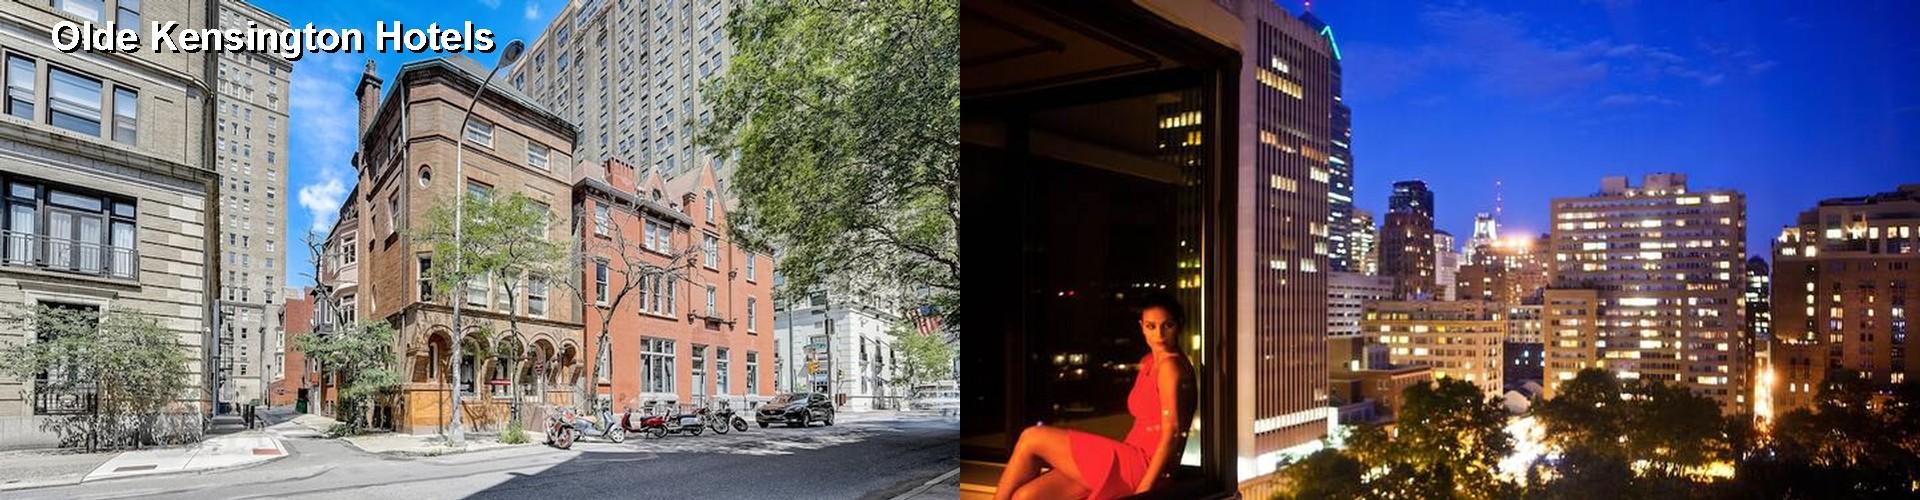 5 Best Hotels Near Olde Kensington